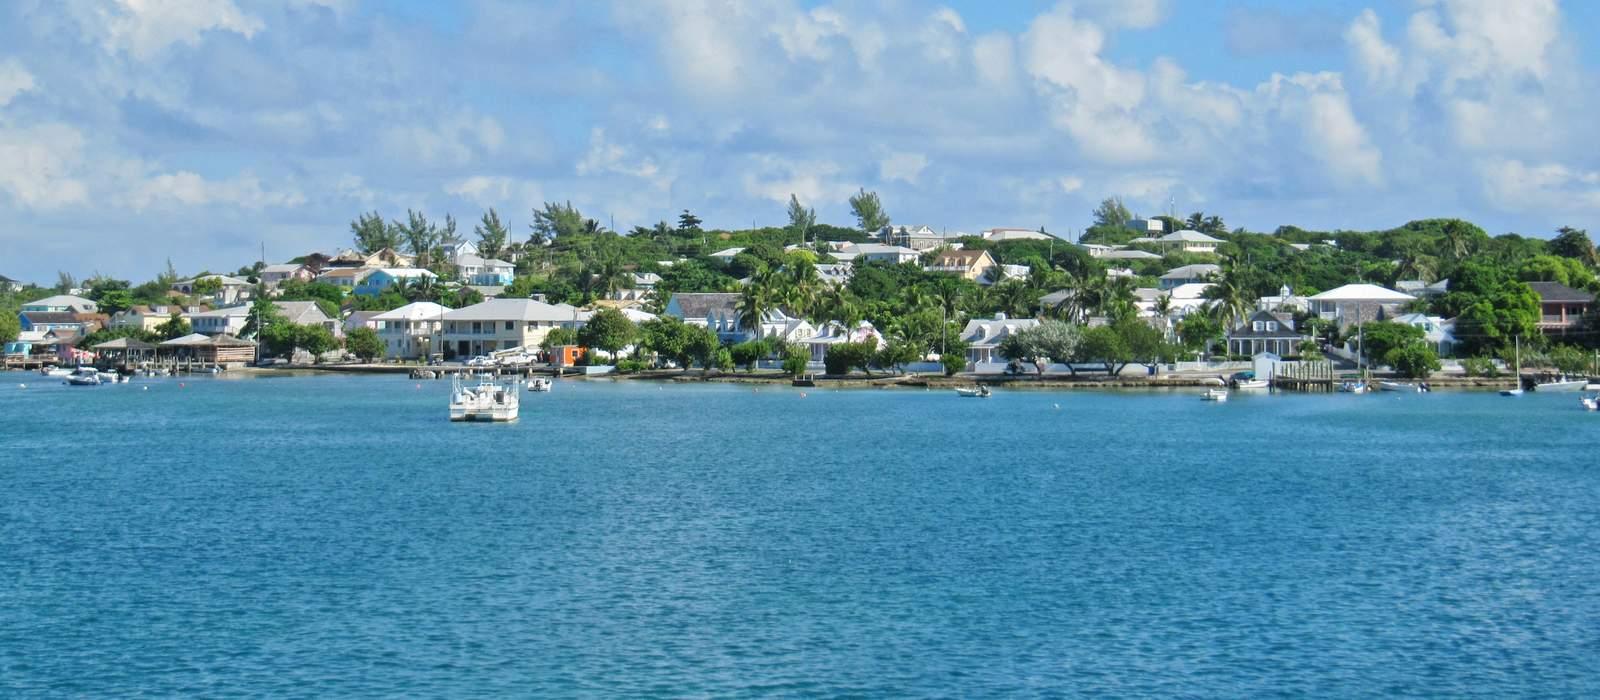 Kuestenansicht Harbour Island